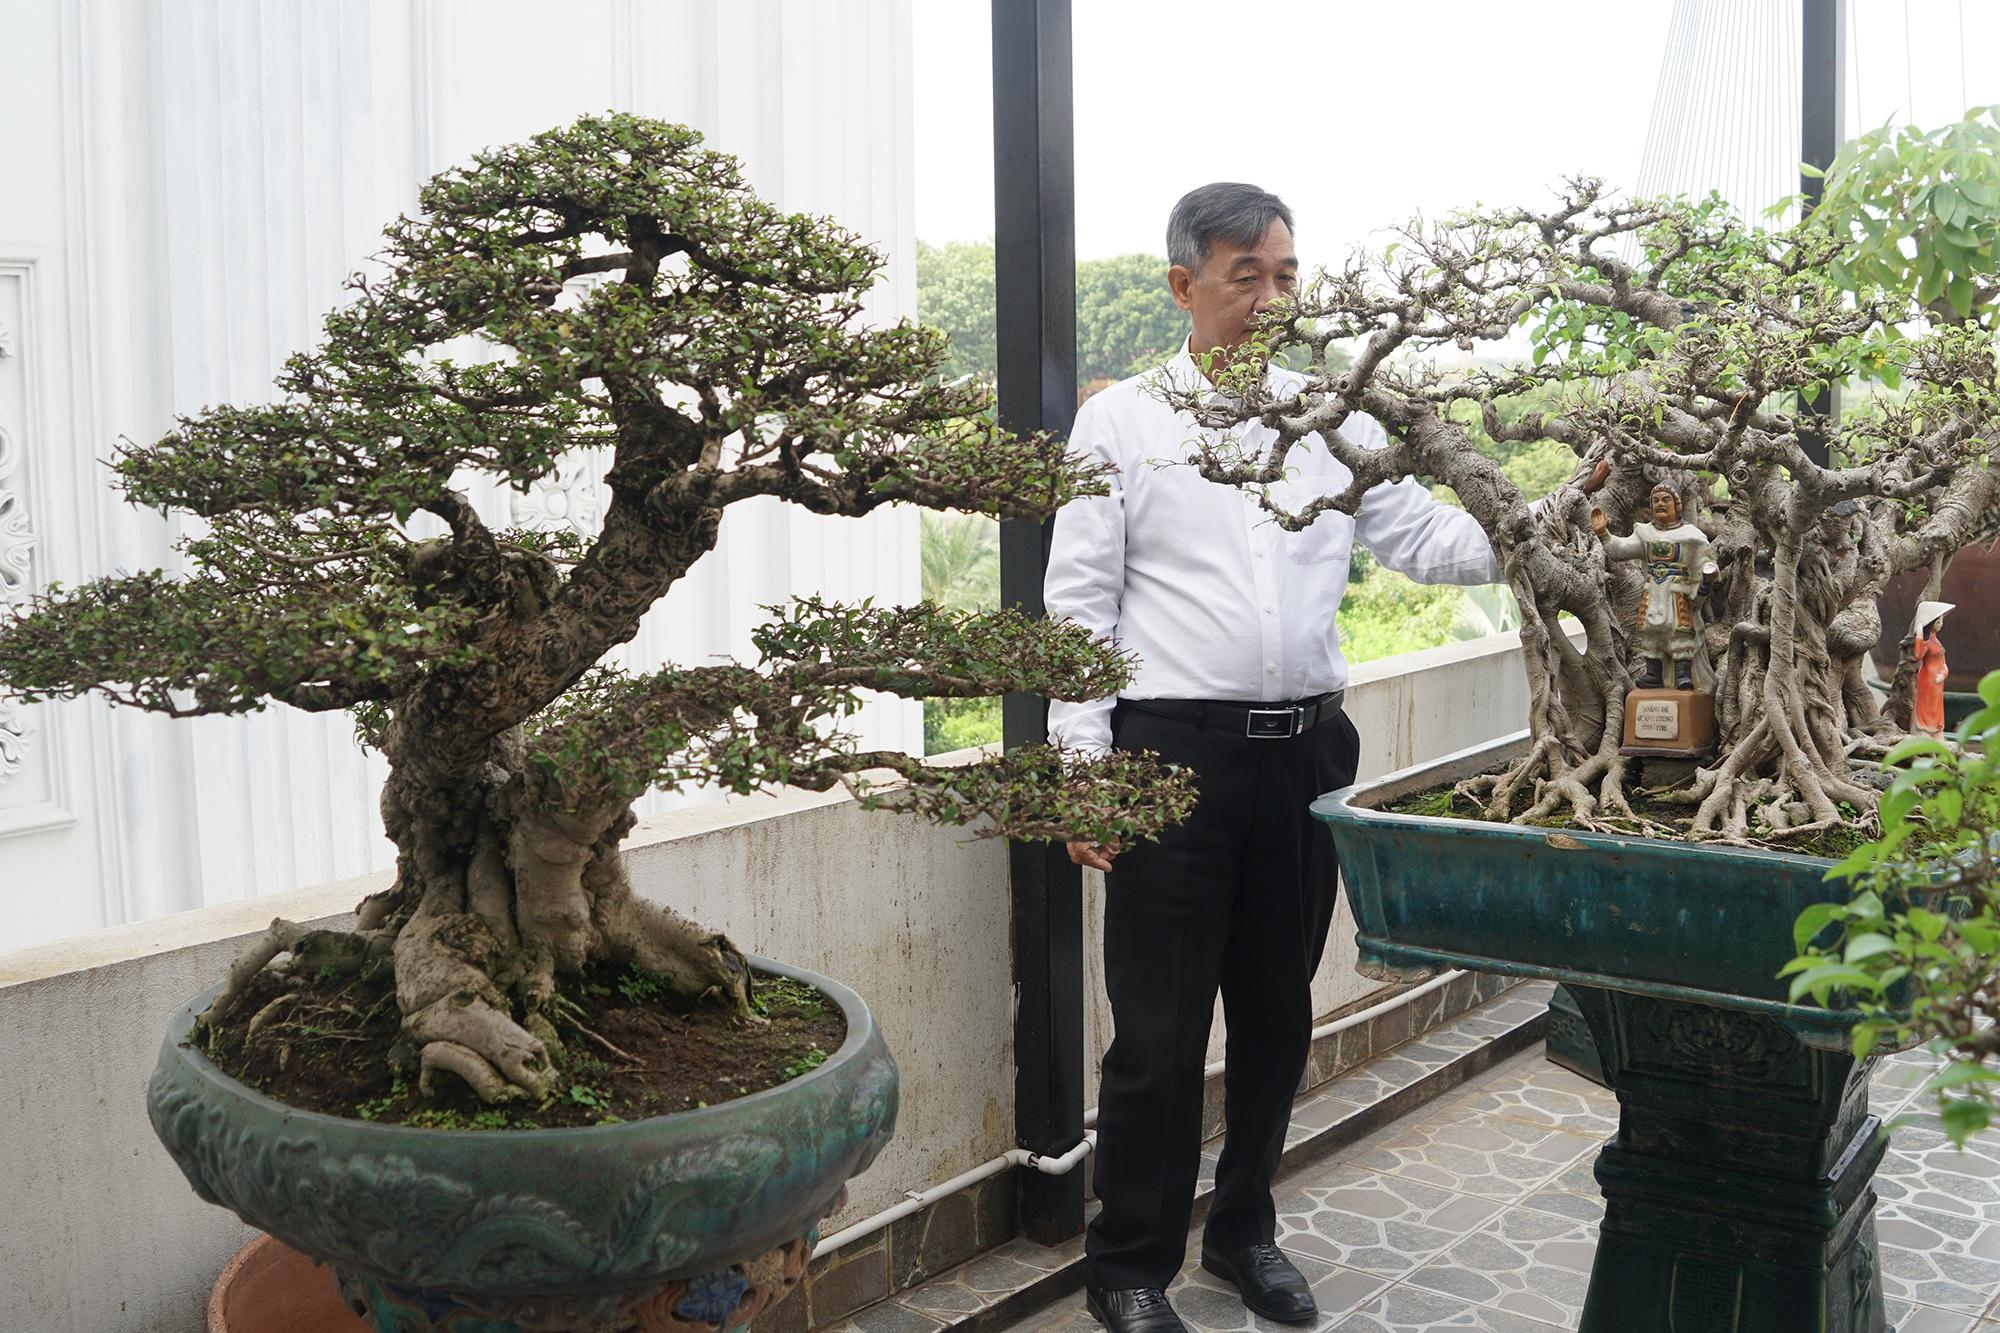 Đại gia chi gần 10 tỷ đồng mua cây cảnh đặt trên sân thượng ngắm mỗi ngày - 9